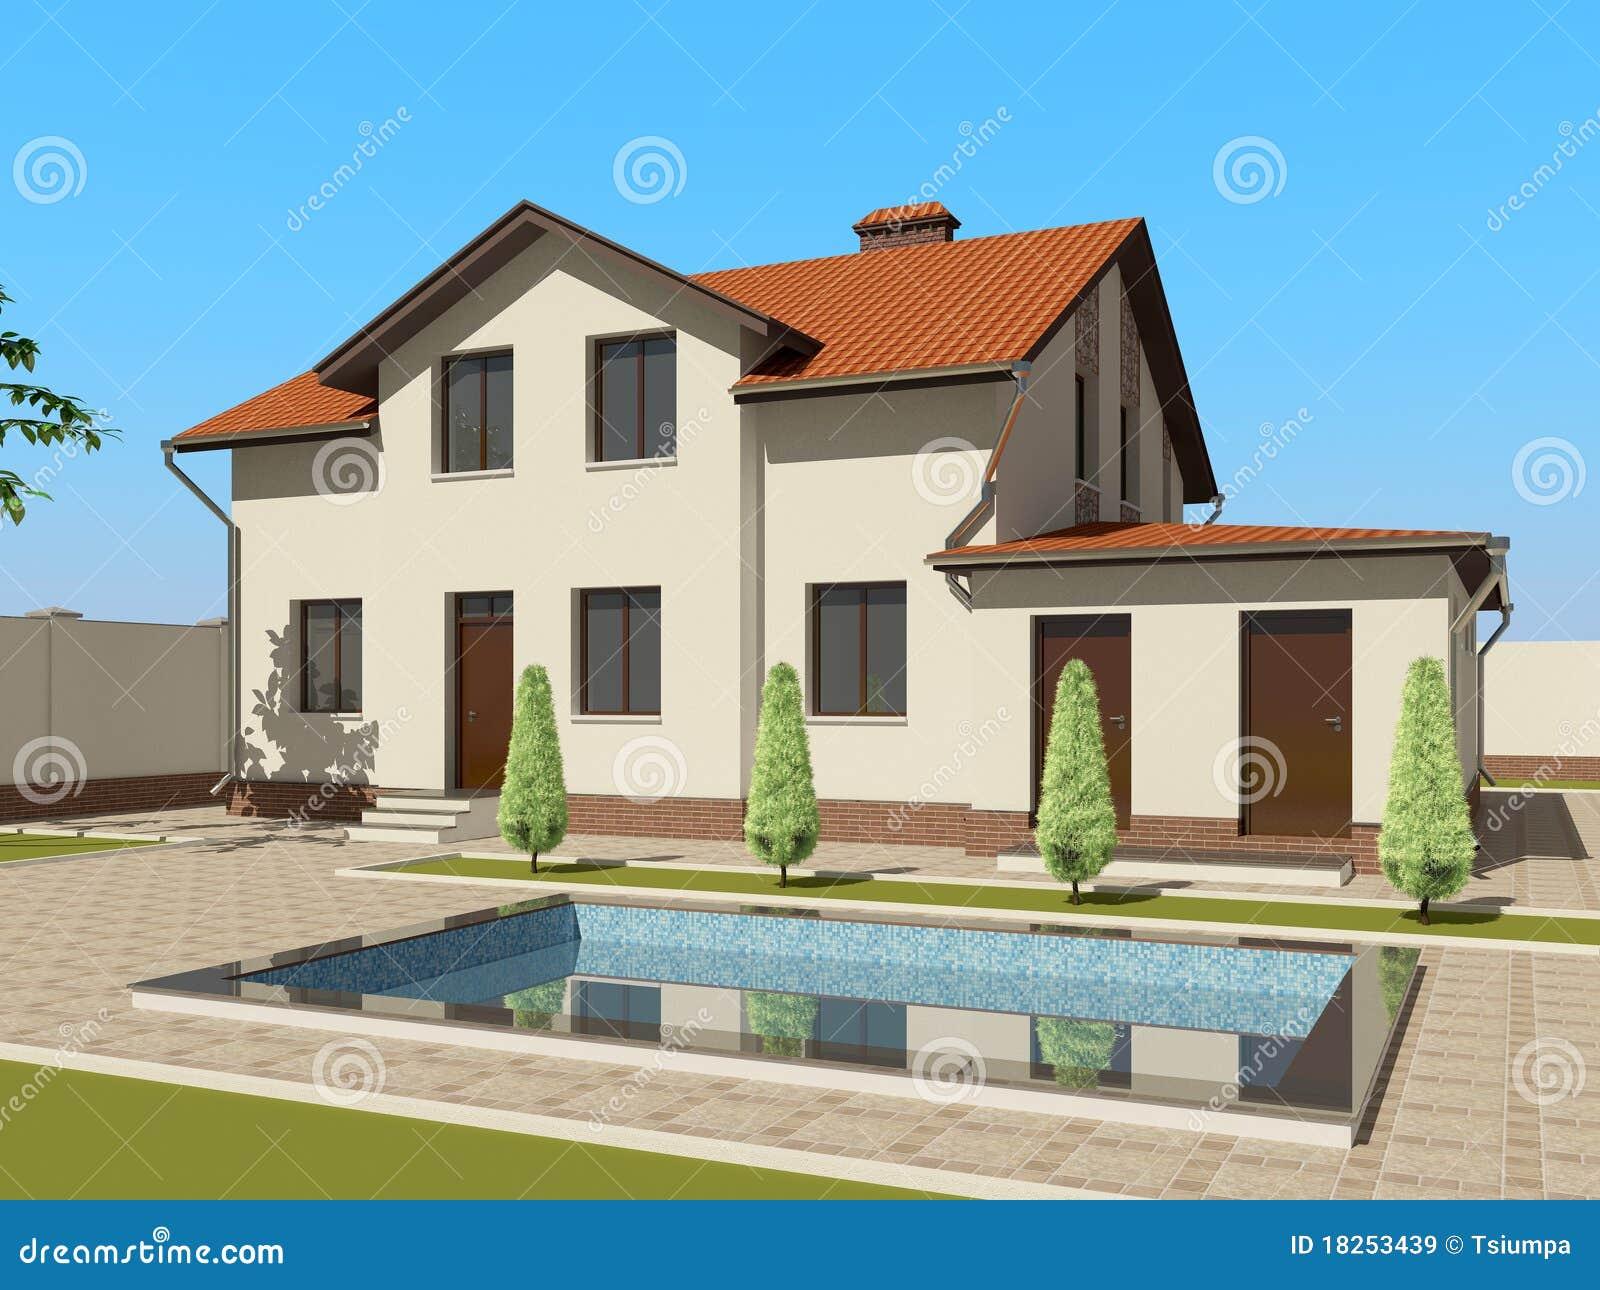 Croquis 3d de la maison images libres de droits image for Architecture 3d maison